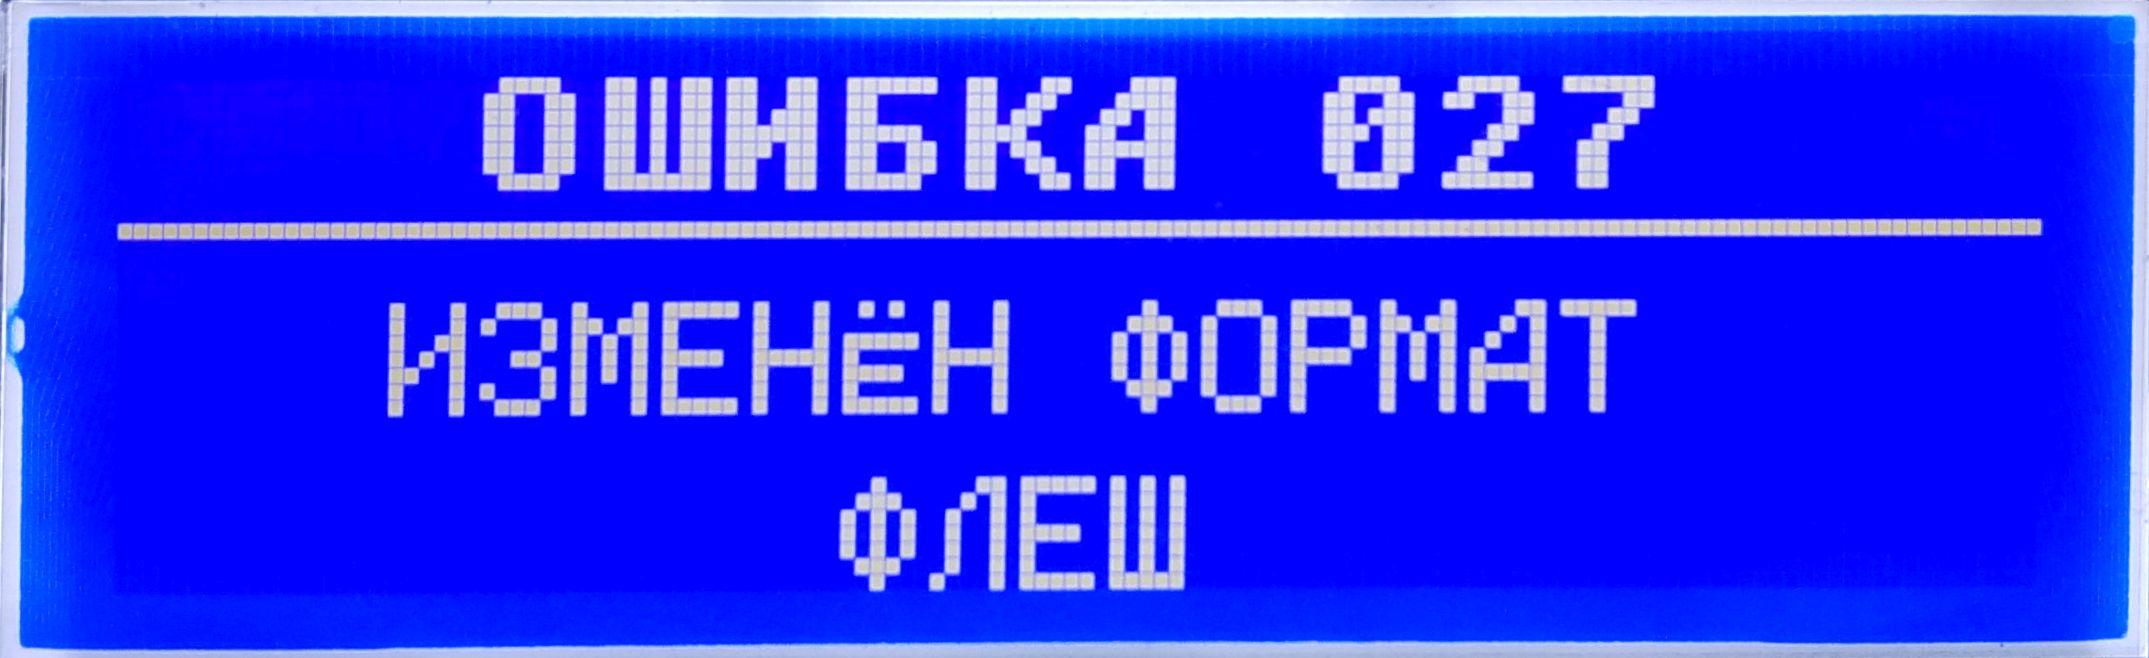 Изменен формат ФЛЭШ (Меркурий 115Ф, 130Ф, 180Ф, 185Ф)